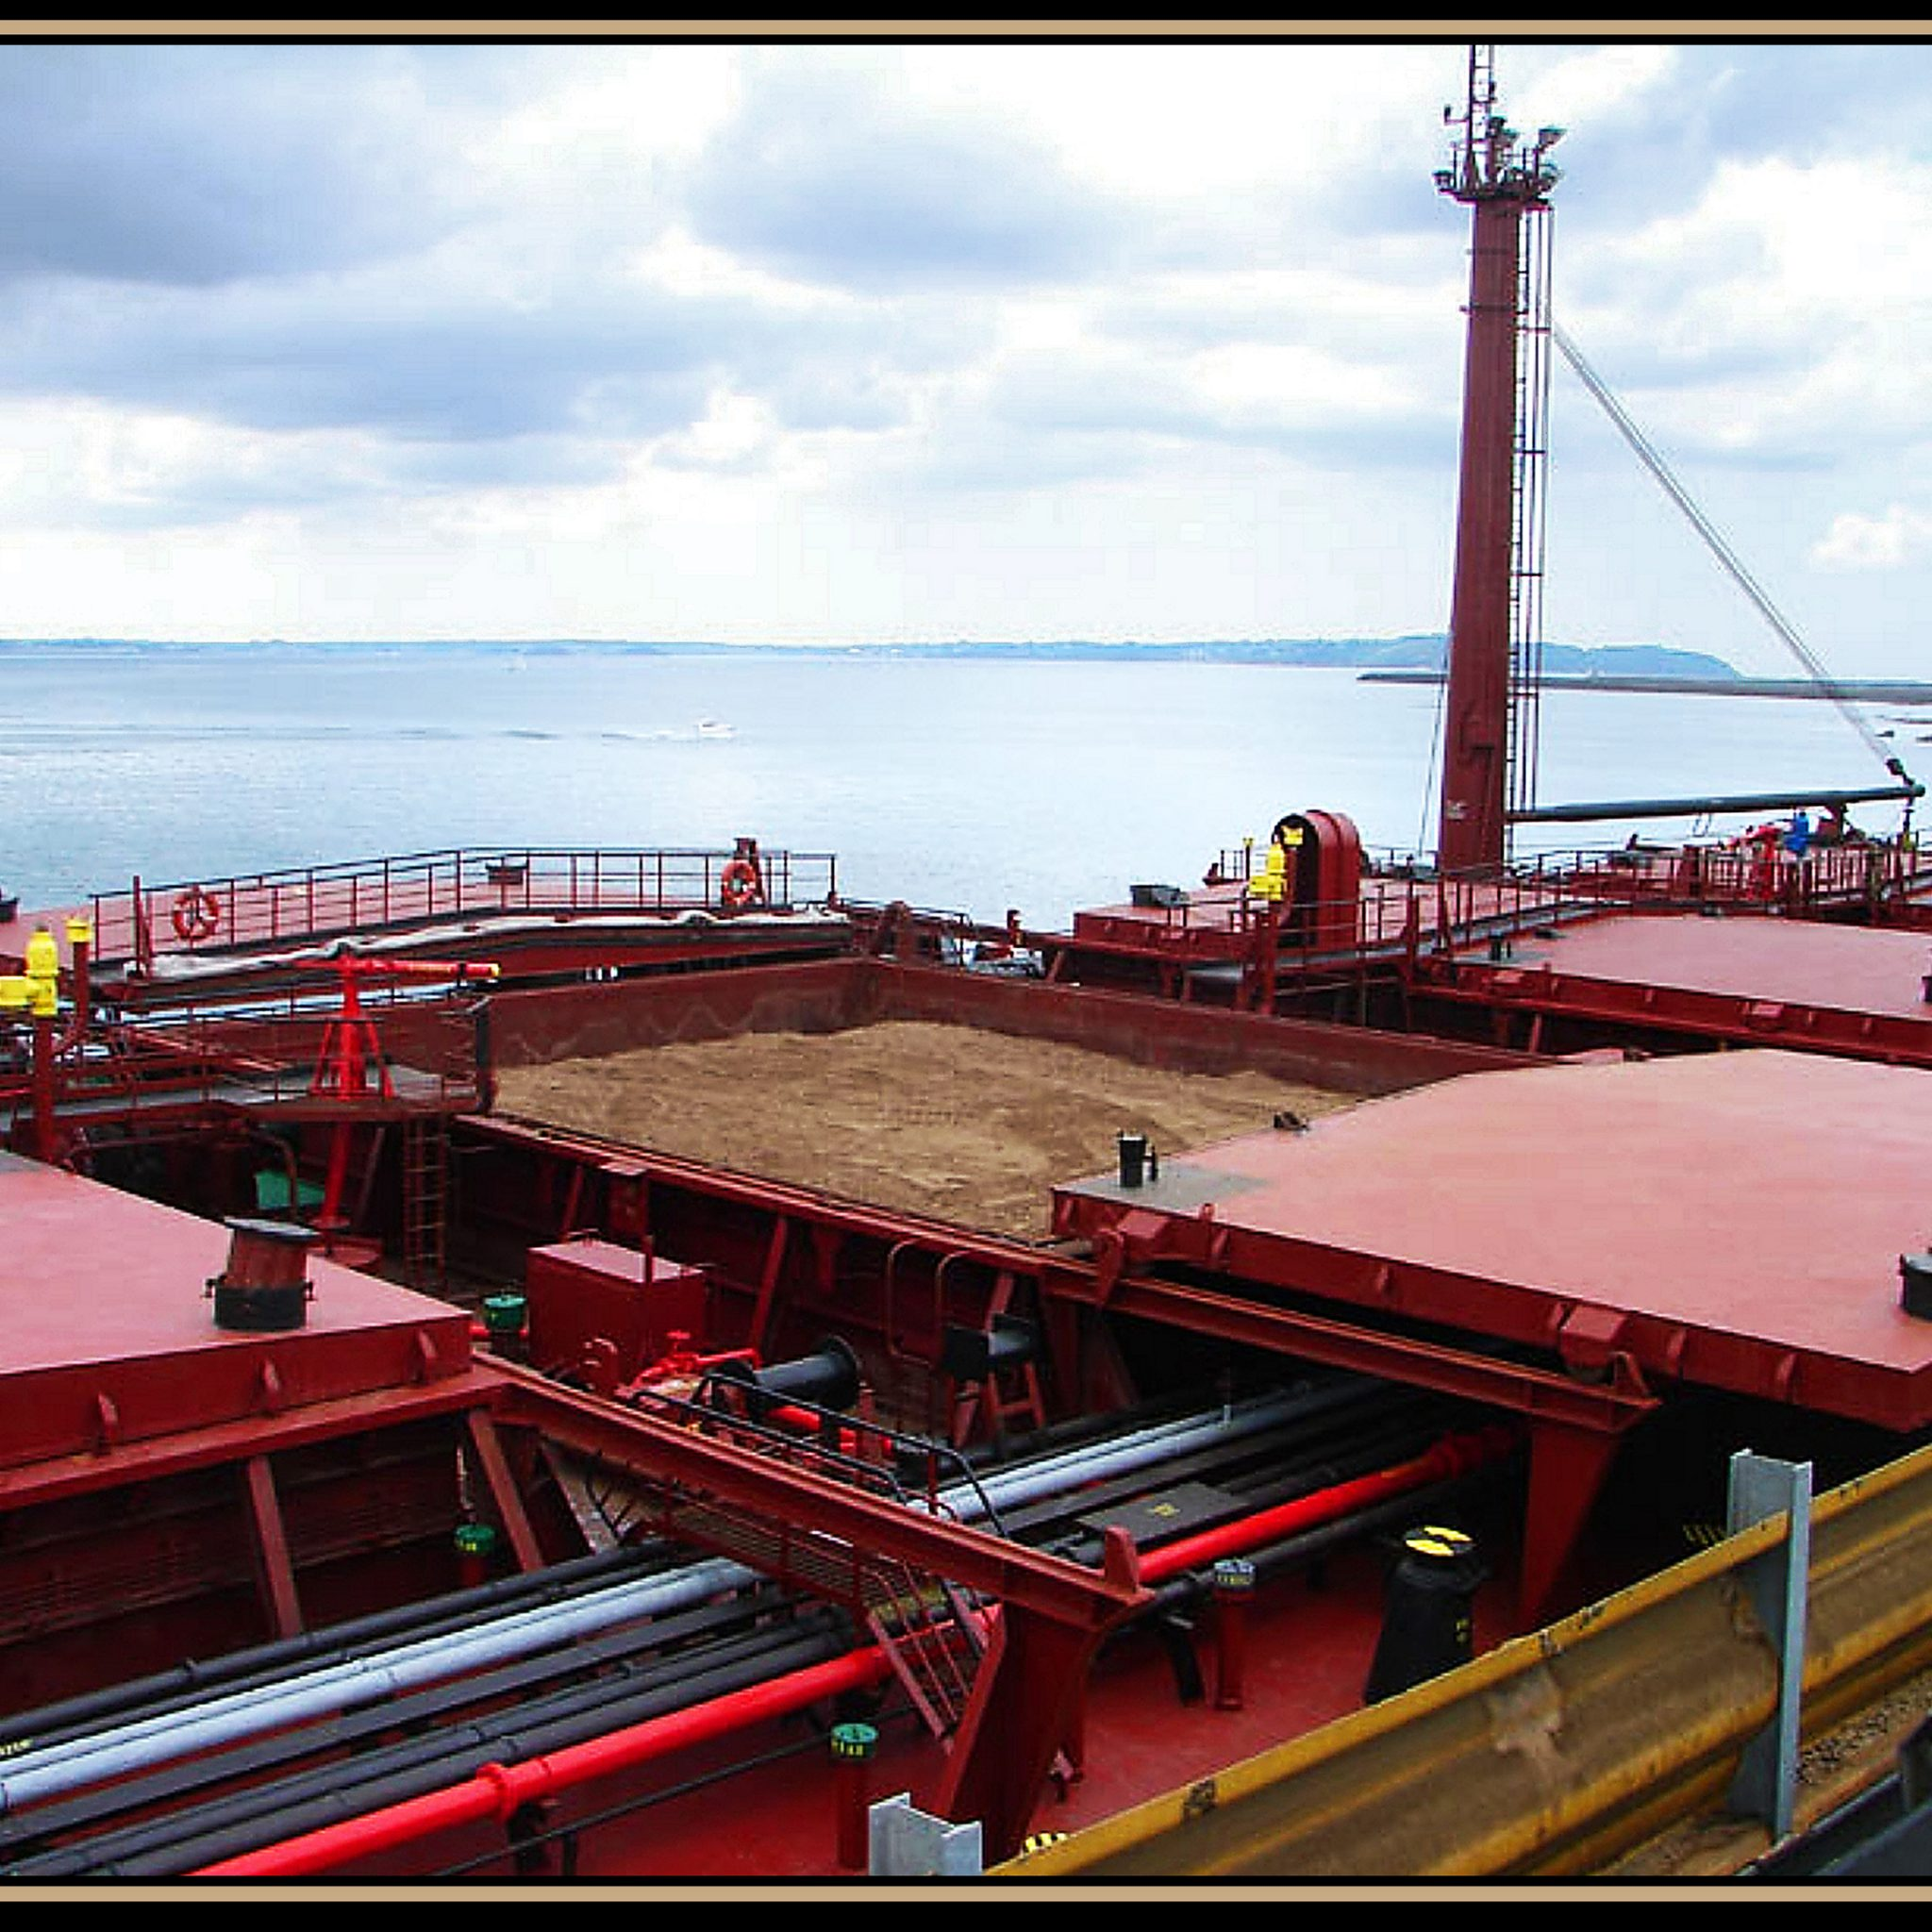 De Noorse rederij SKS heeft zich gespecialiseerd in de exploitatie van OBO-carriers.